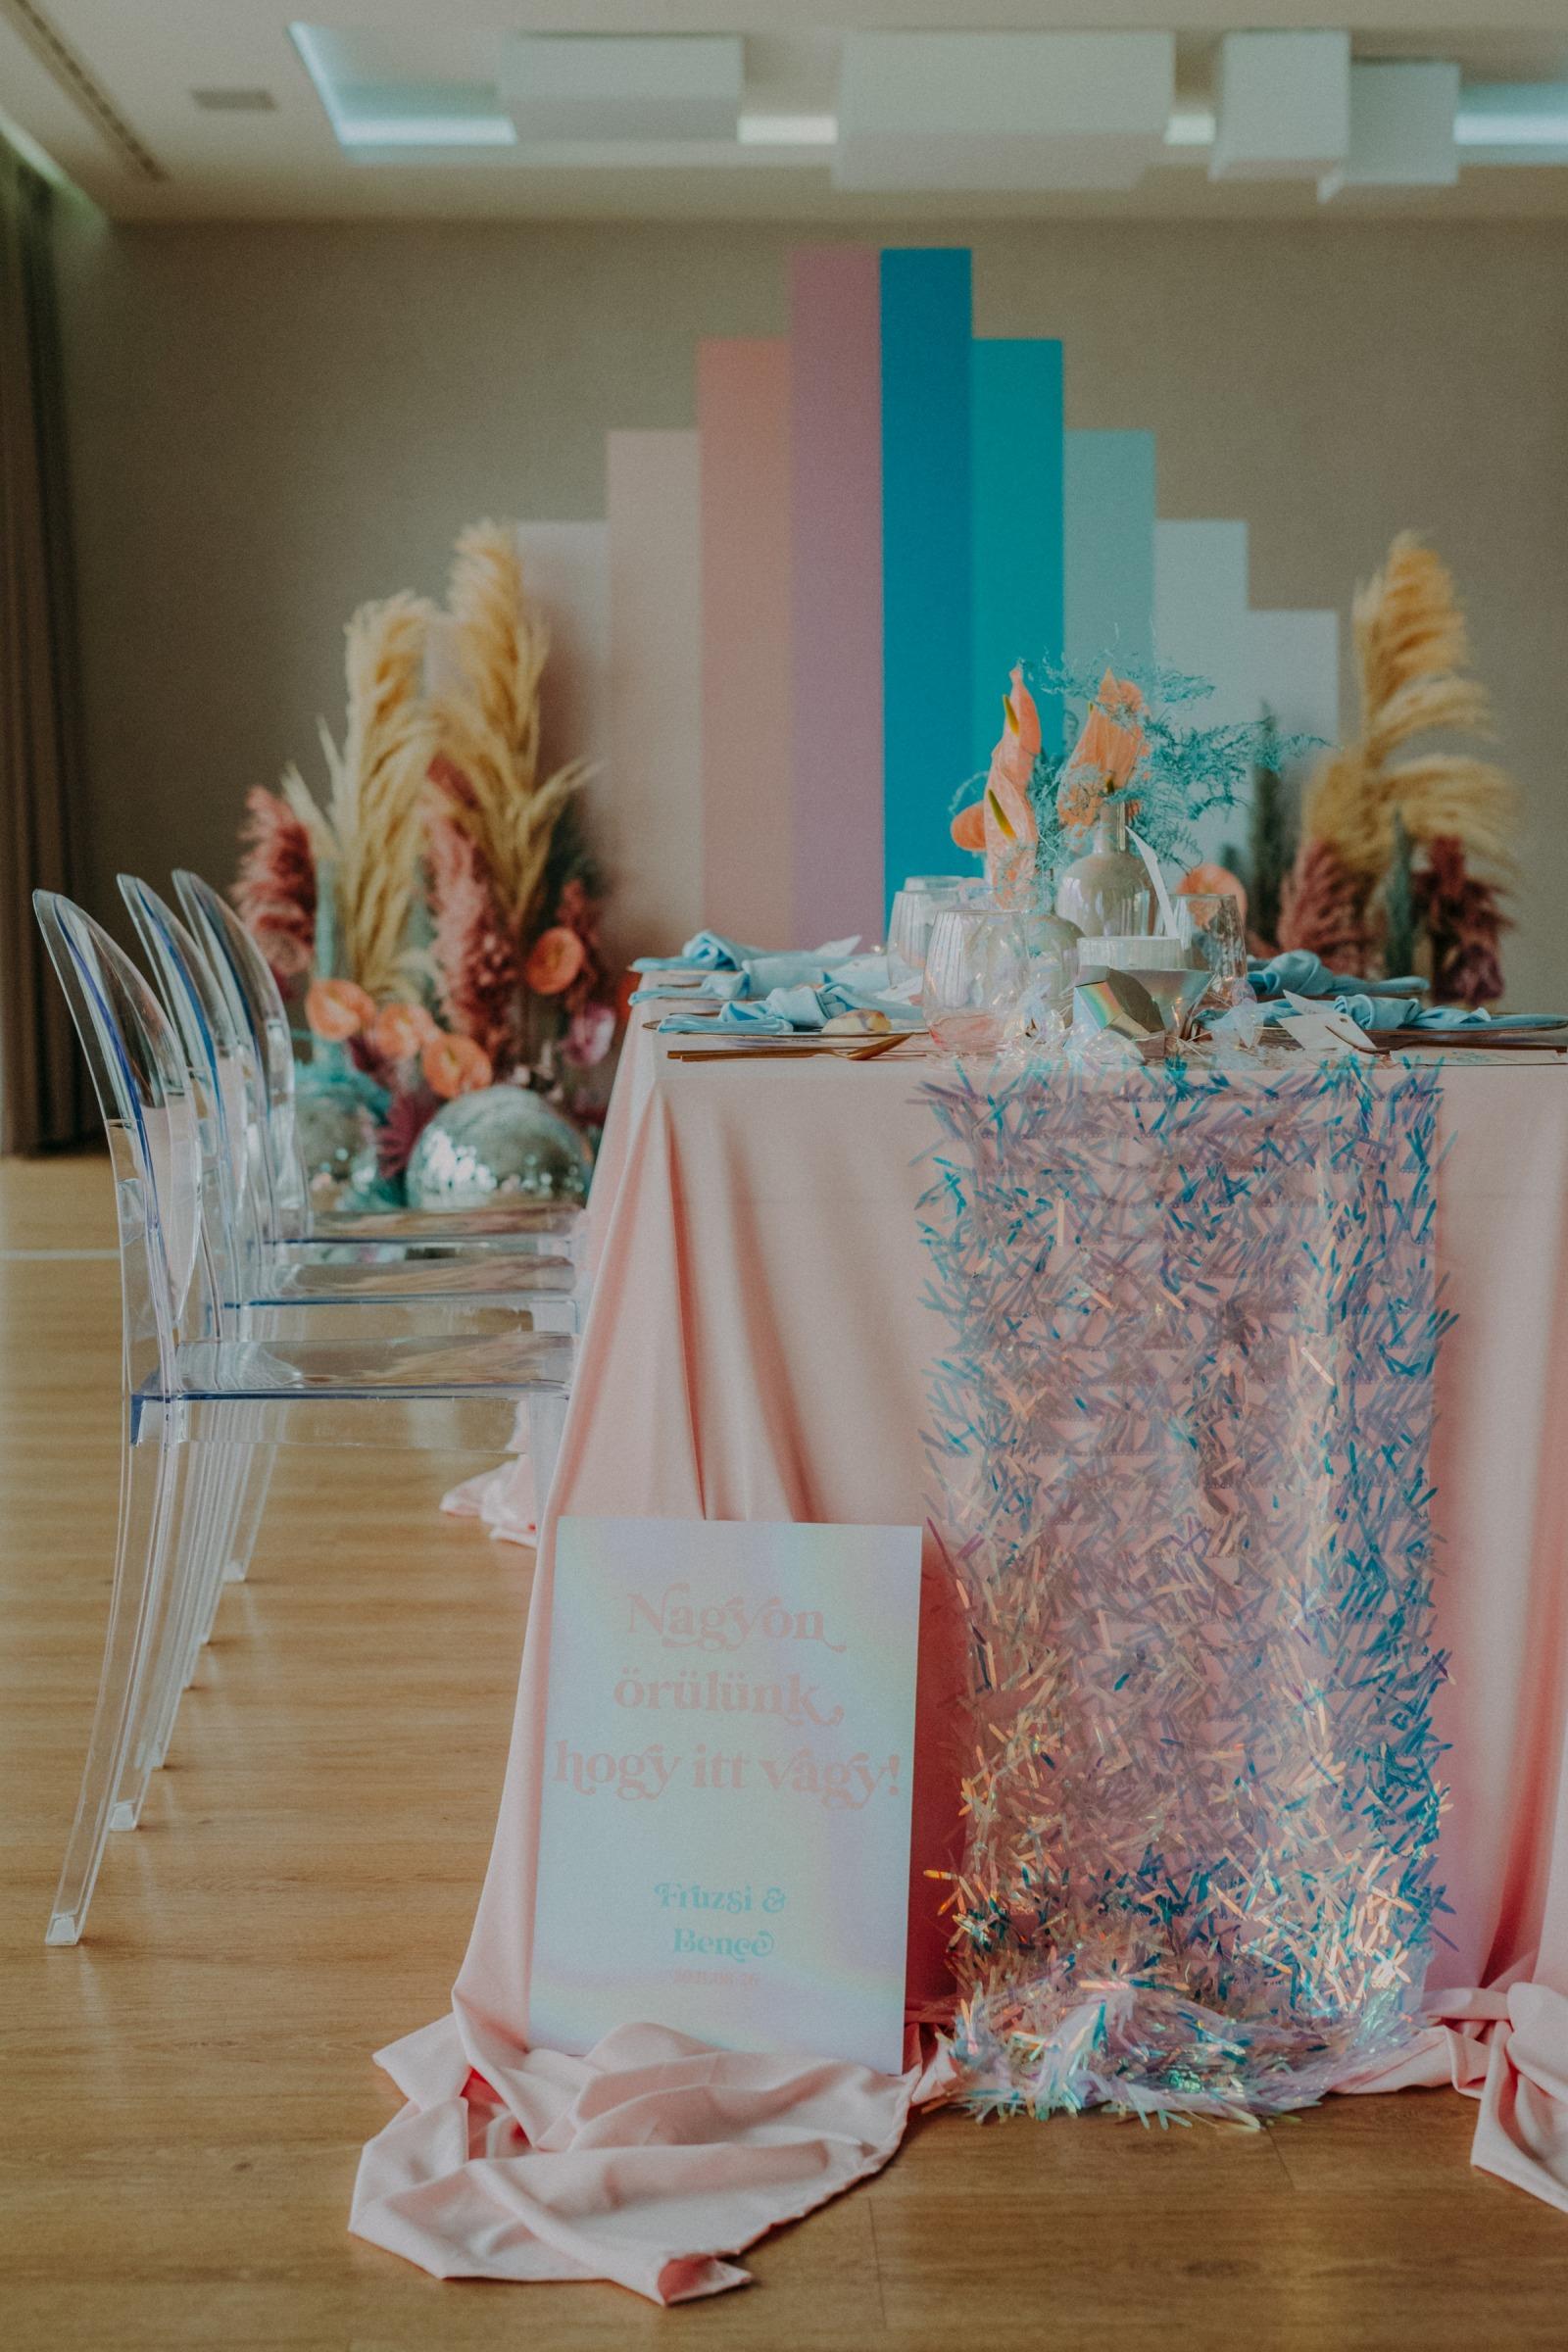 colourful pastel wedding - unconventional wedding - alternative wedding - quirky wedding - sparkly wedding - bold wedding - modern wedding decor